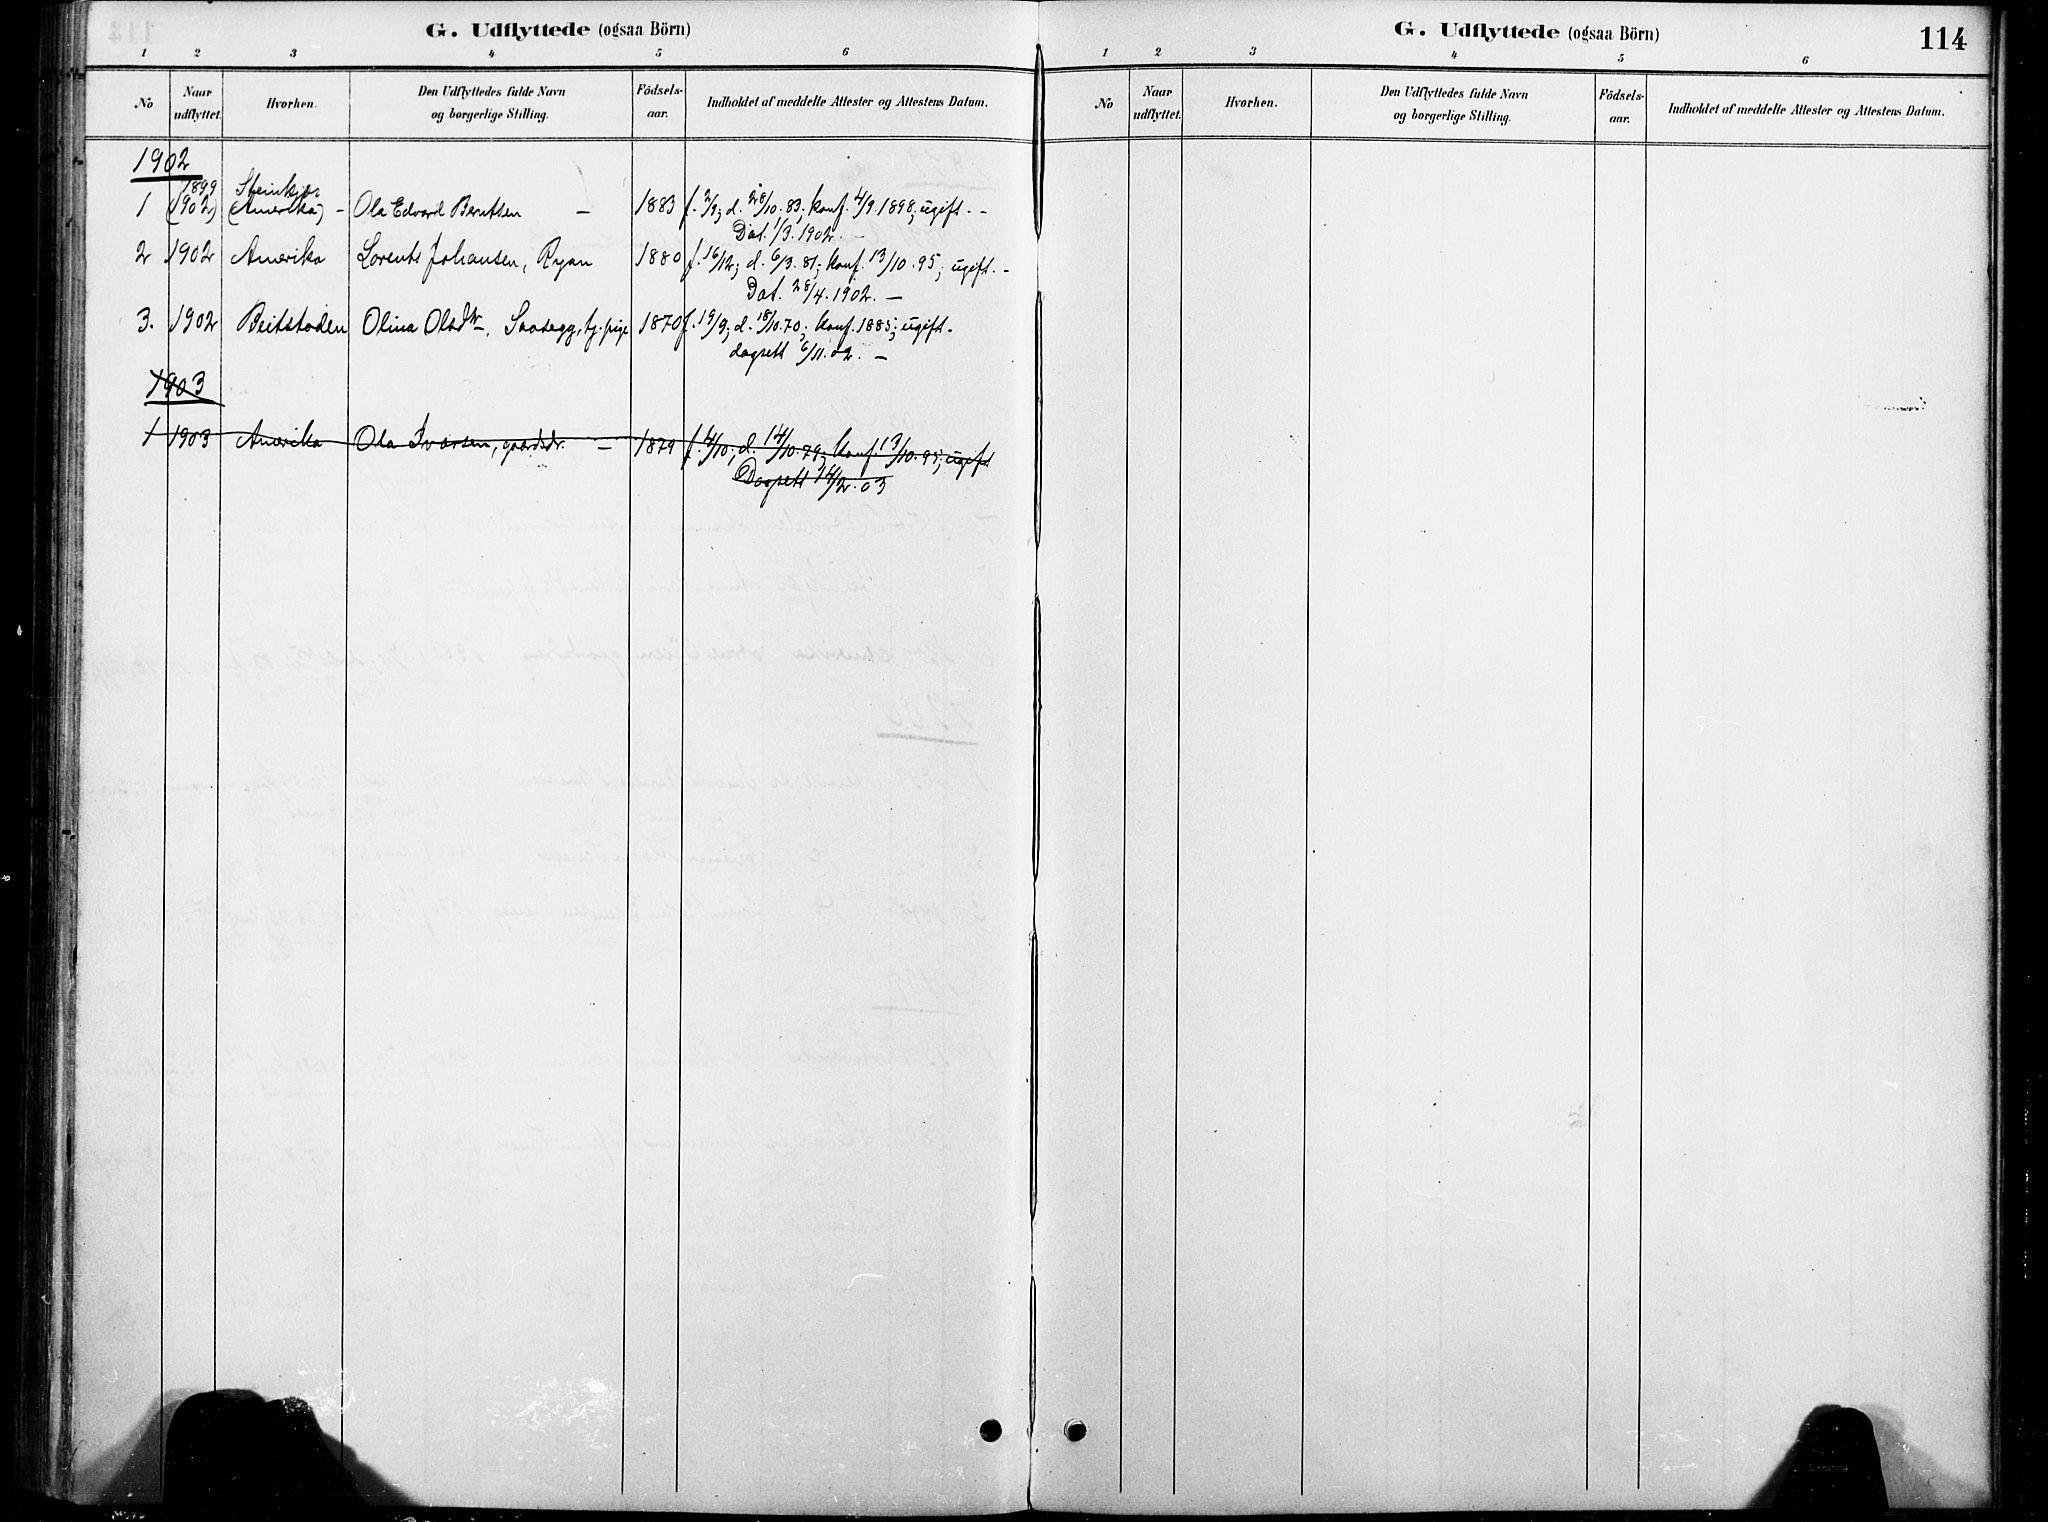 SAT, Ministerialprotokoller, klokkerbøker og fødselsregistre - Nord-Trøndelag, 738/L0364: Ministerialbok nr. 738A01, 1884-1902, s. 114